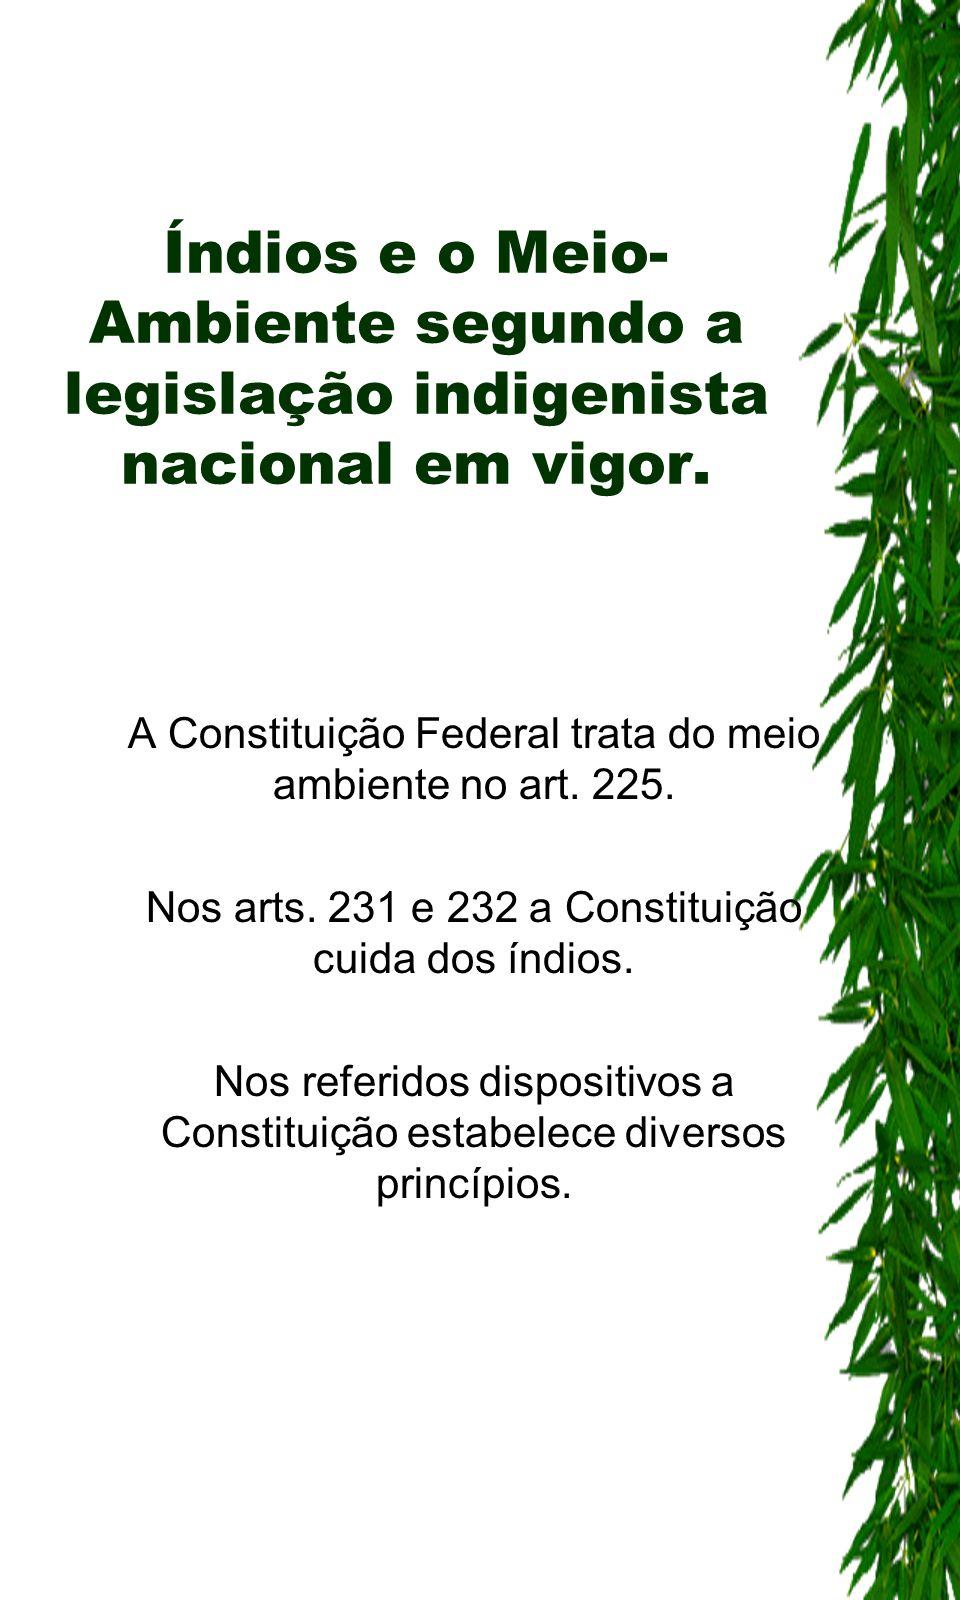 Índios e o Meio- Ambiente segundo a legislação indigenista nacional em vigor. A Constituição Federal trata do meio ambiente no art. 225. Nos arts. 231